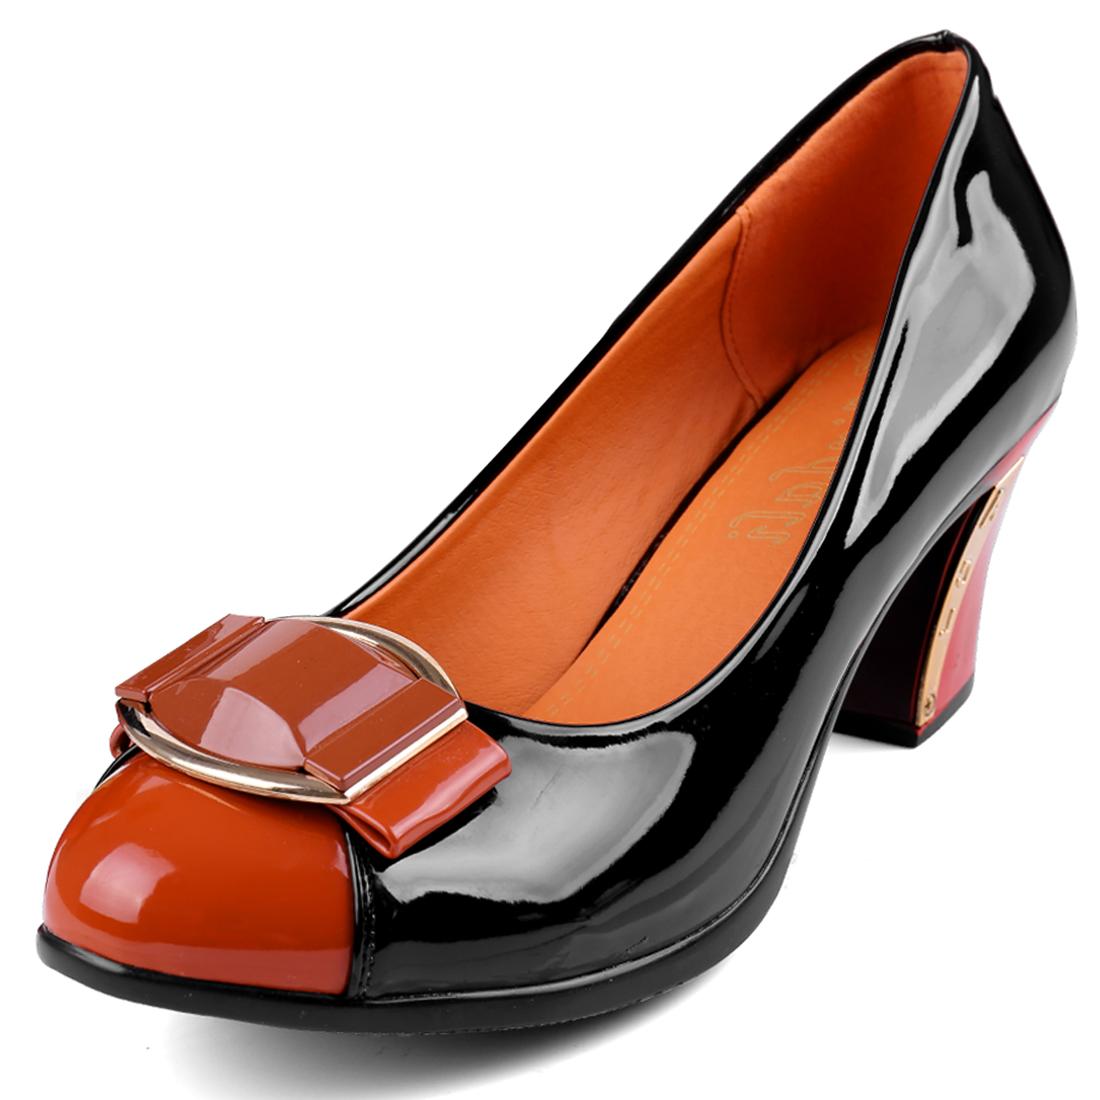 Women Round Toe Patent Classic Pumps Black Orange US 6.5